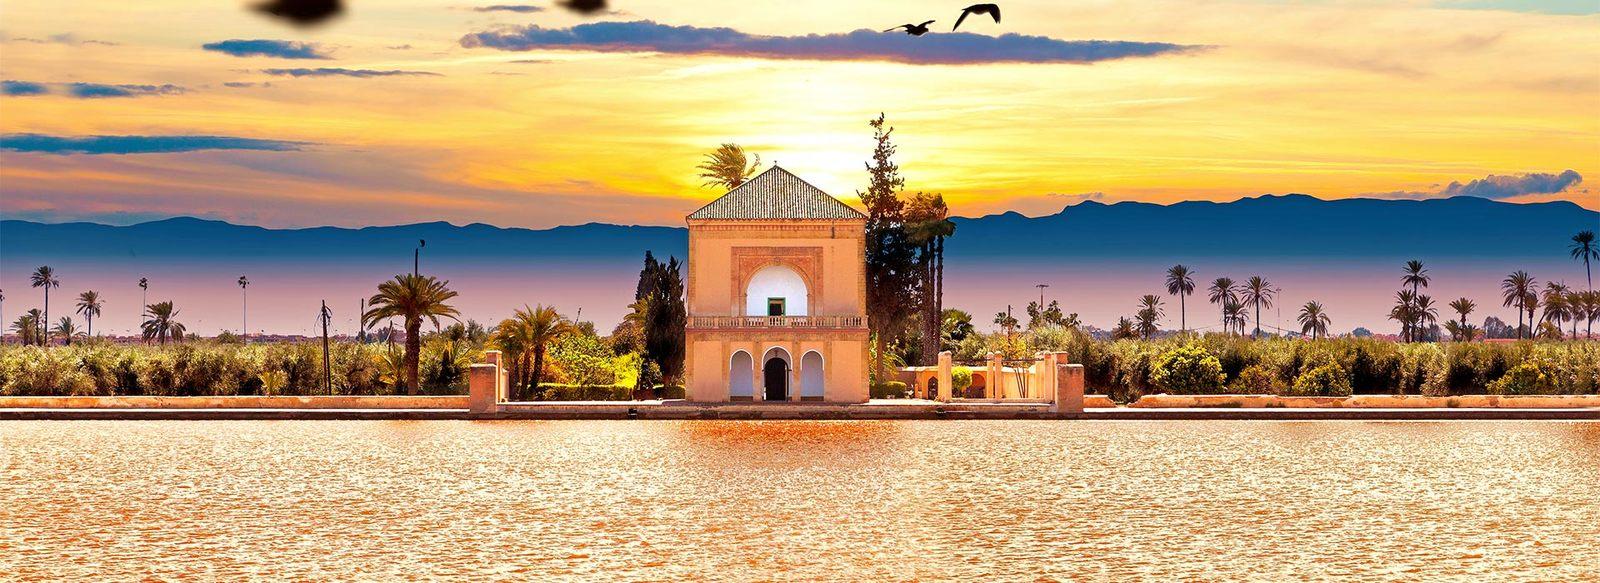 Trekking attraverso le montagne e i villaggi del Marocco